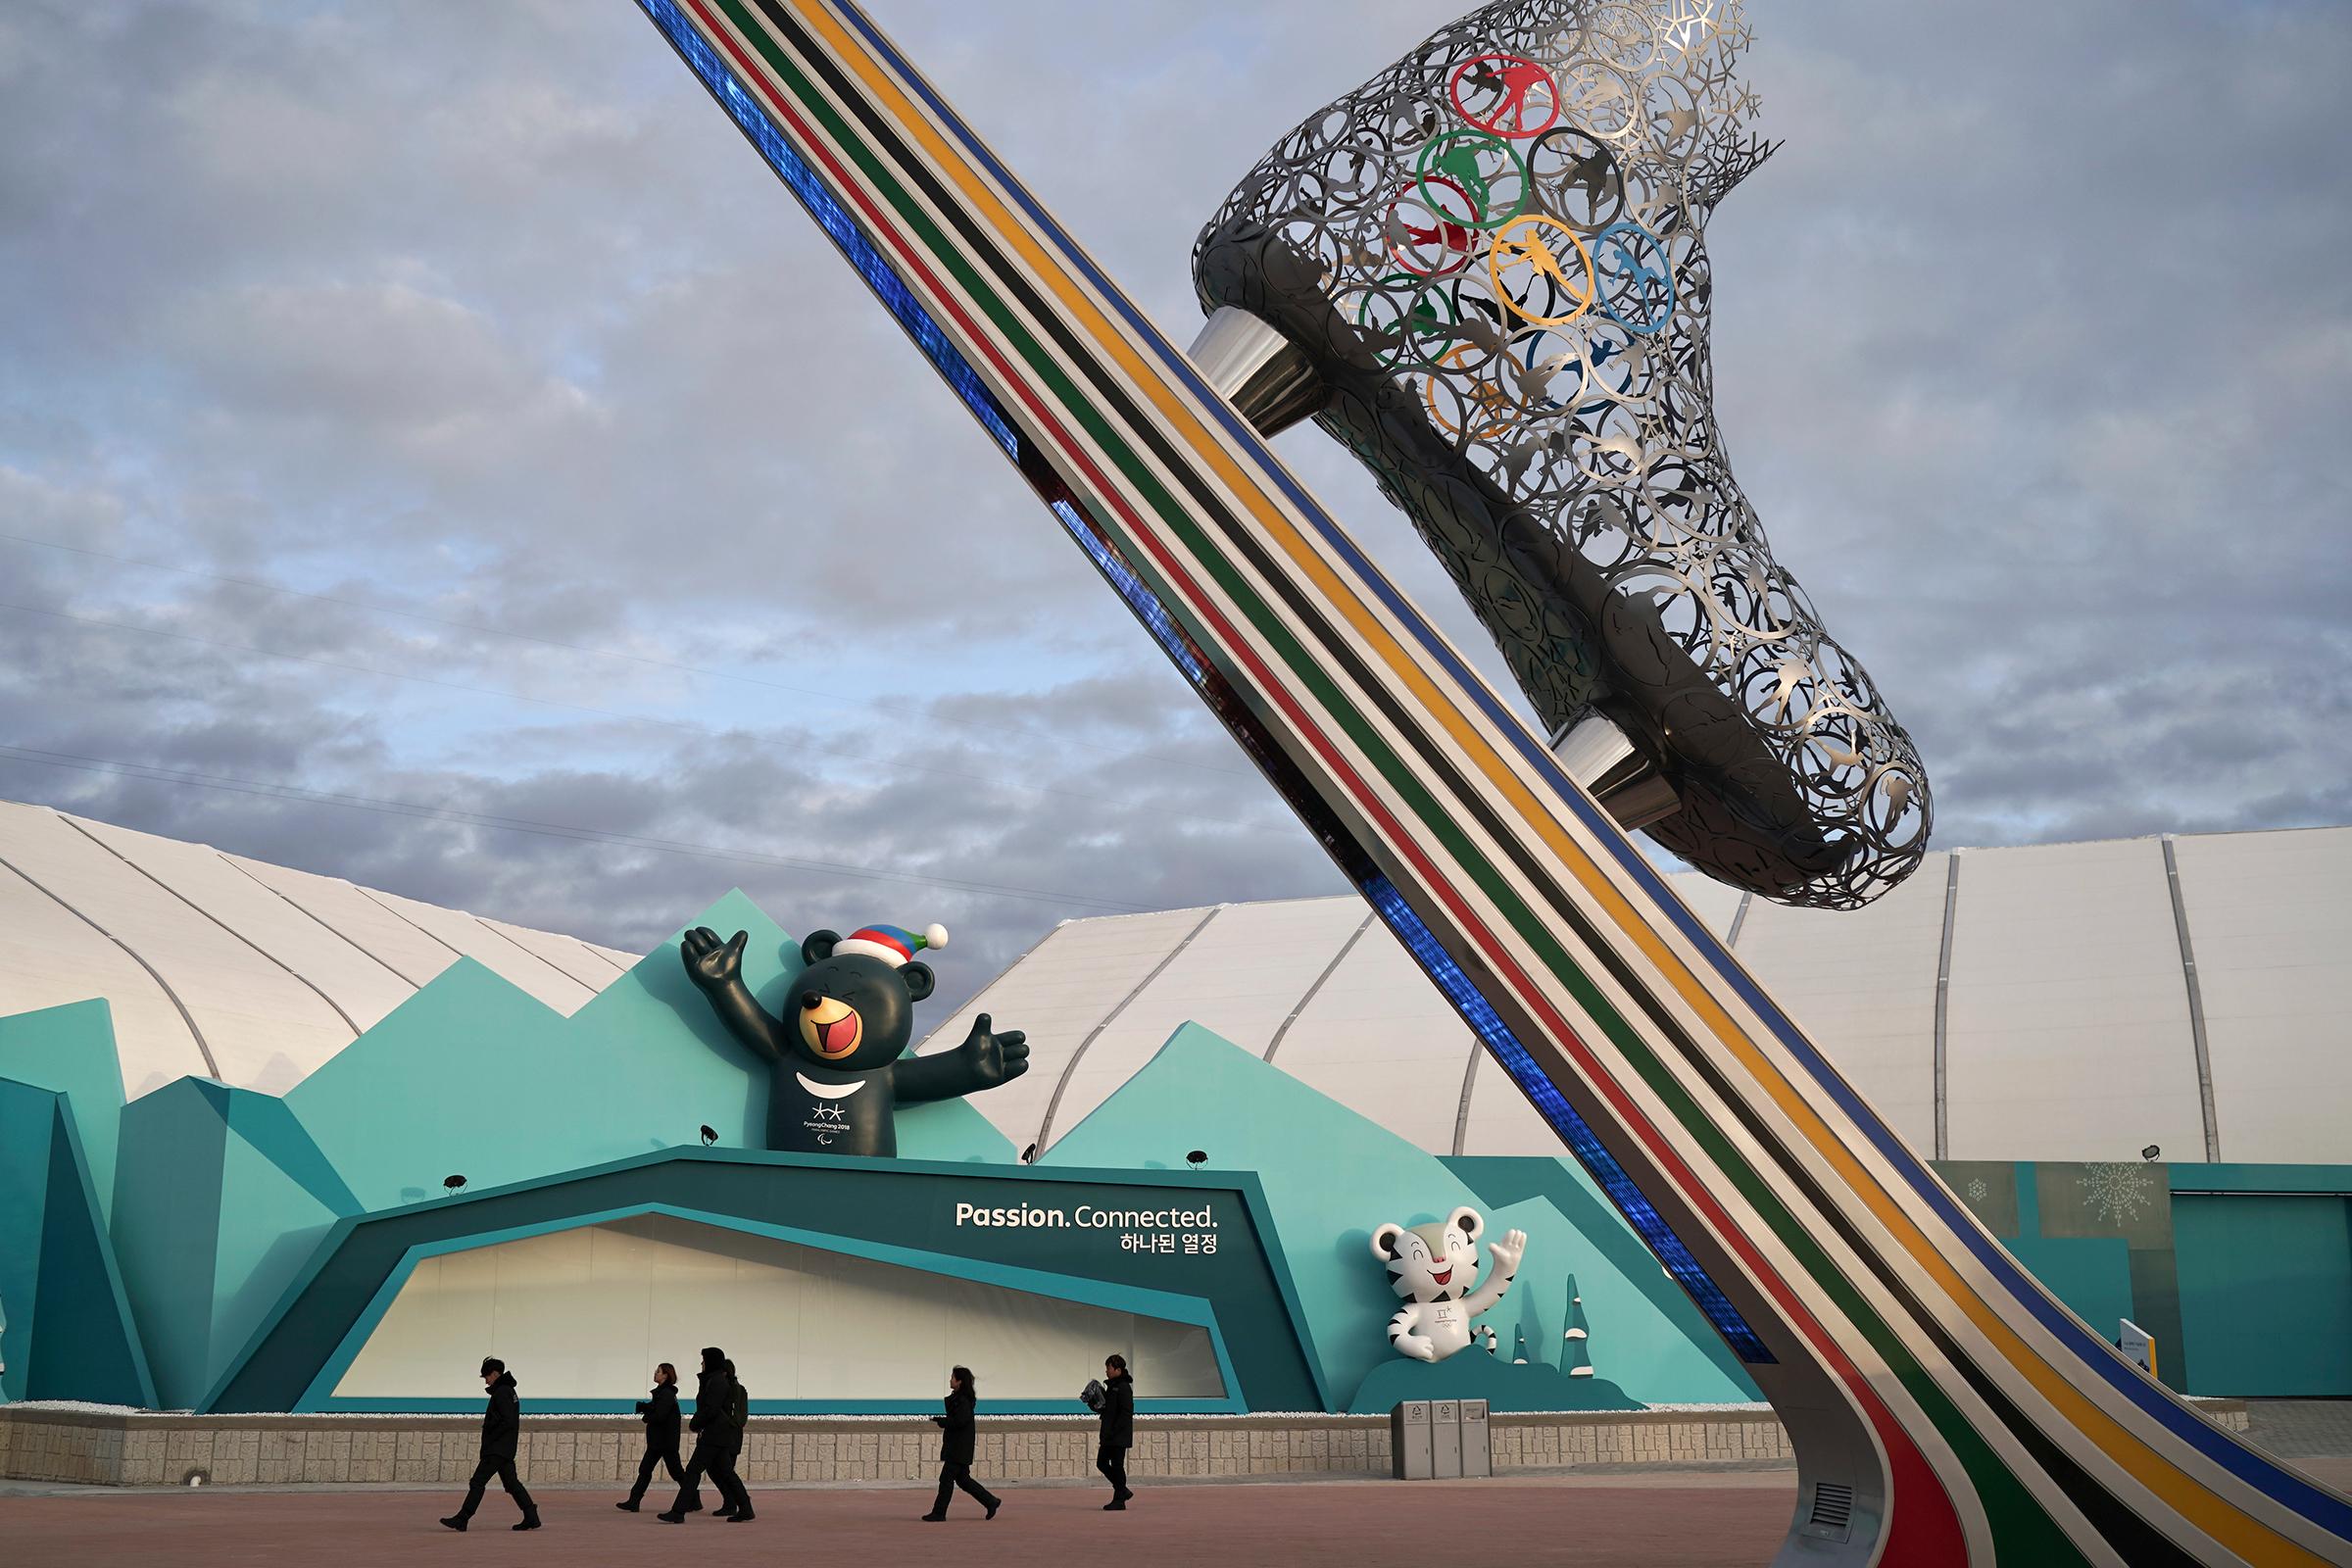 Основные объекты зимних Олимпийских игр расположены в двух городах — Пхёнчхане и Канныне. Первый расположен в горной местности, там находятся главный пресс-центр, центр международного телевизионного вещания и стадион, на котором состоятся церемонии открытия и закрытия Игр. В прибрежном Канныне пройдут соревнования по хоккею, фигурному катанию, конькобежному спорту, шорт-треку и керлингу.